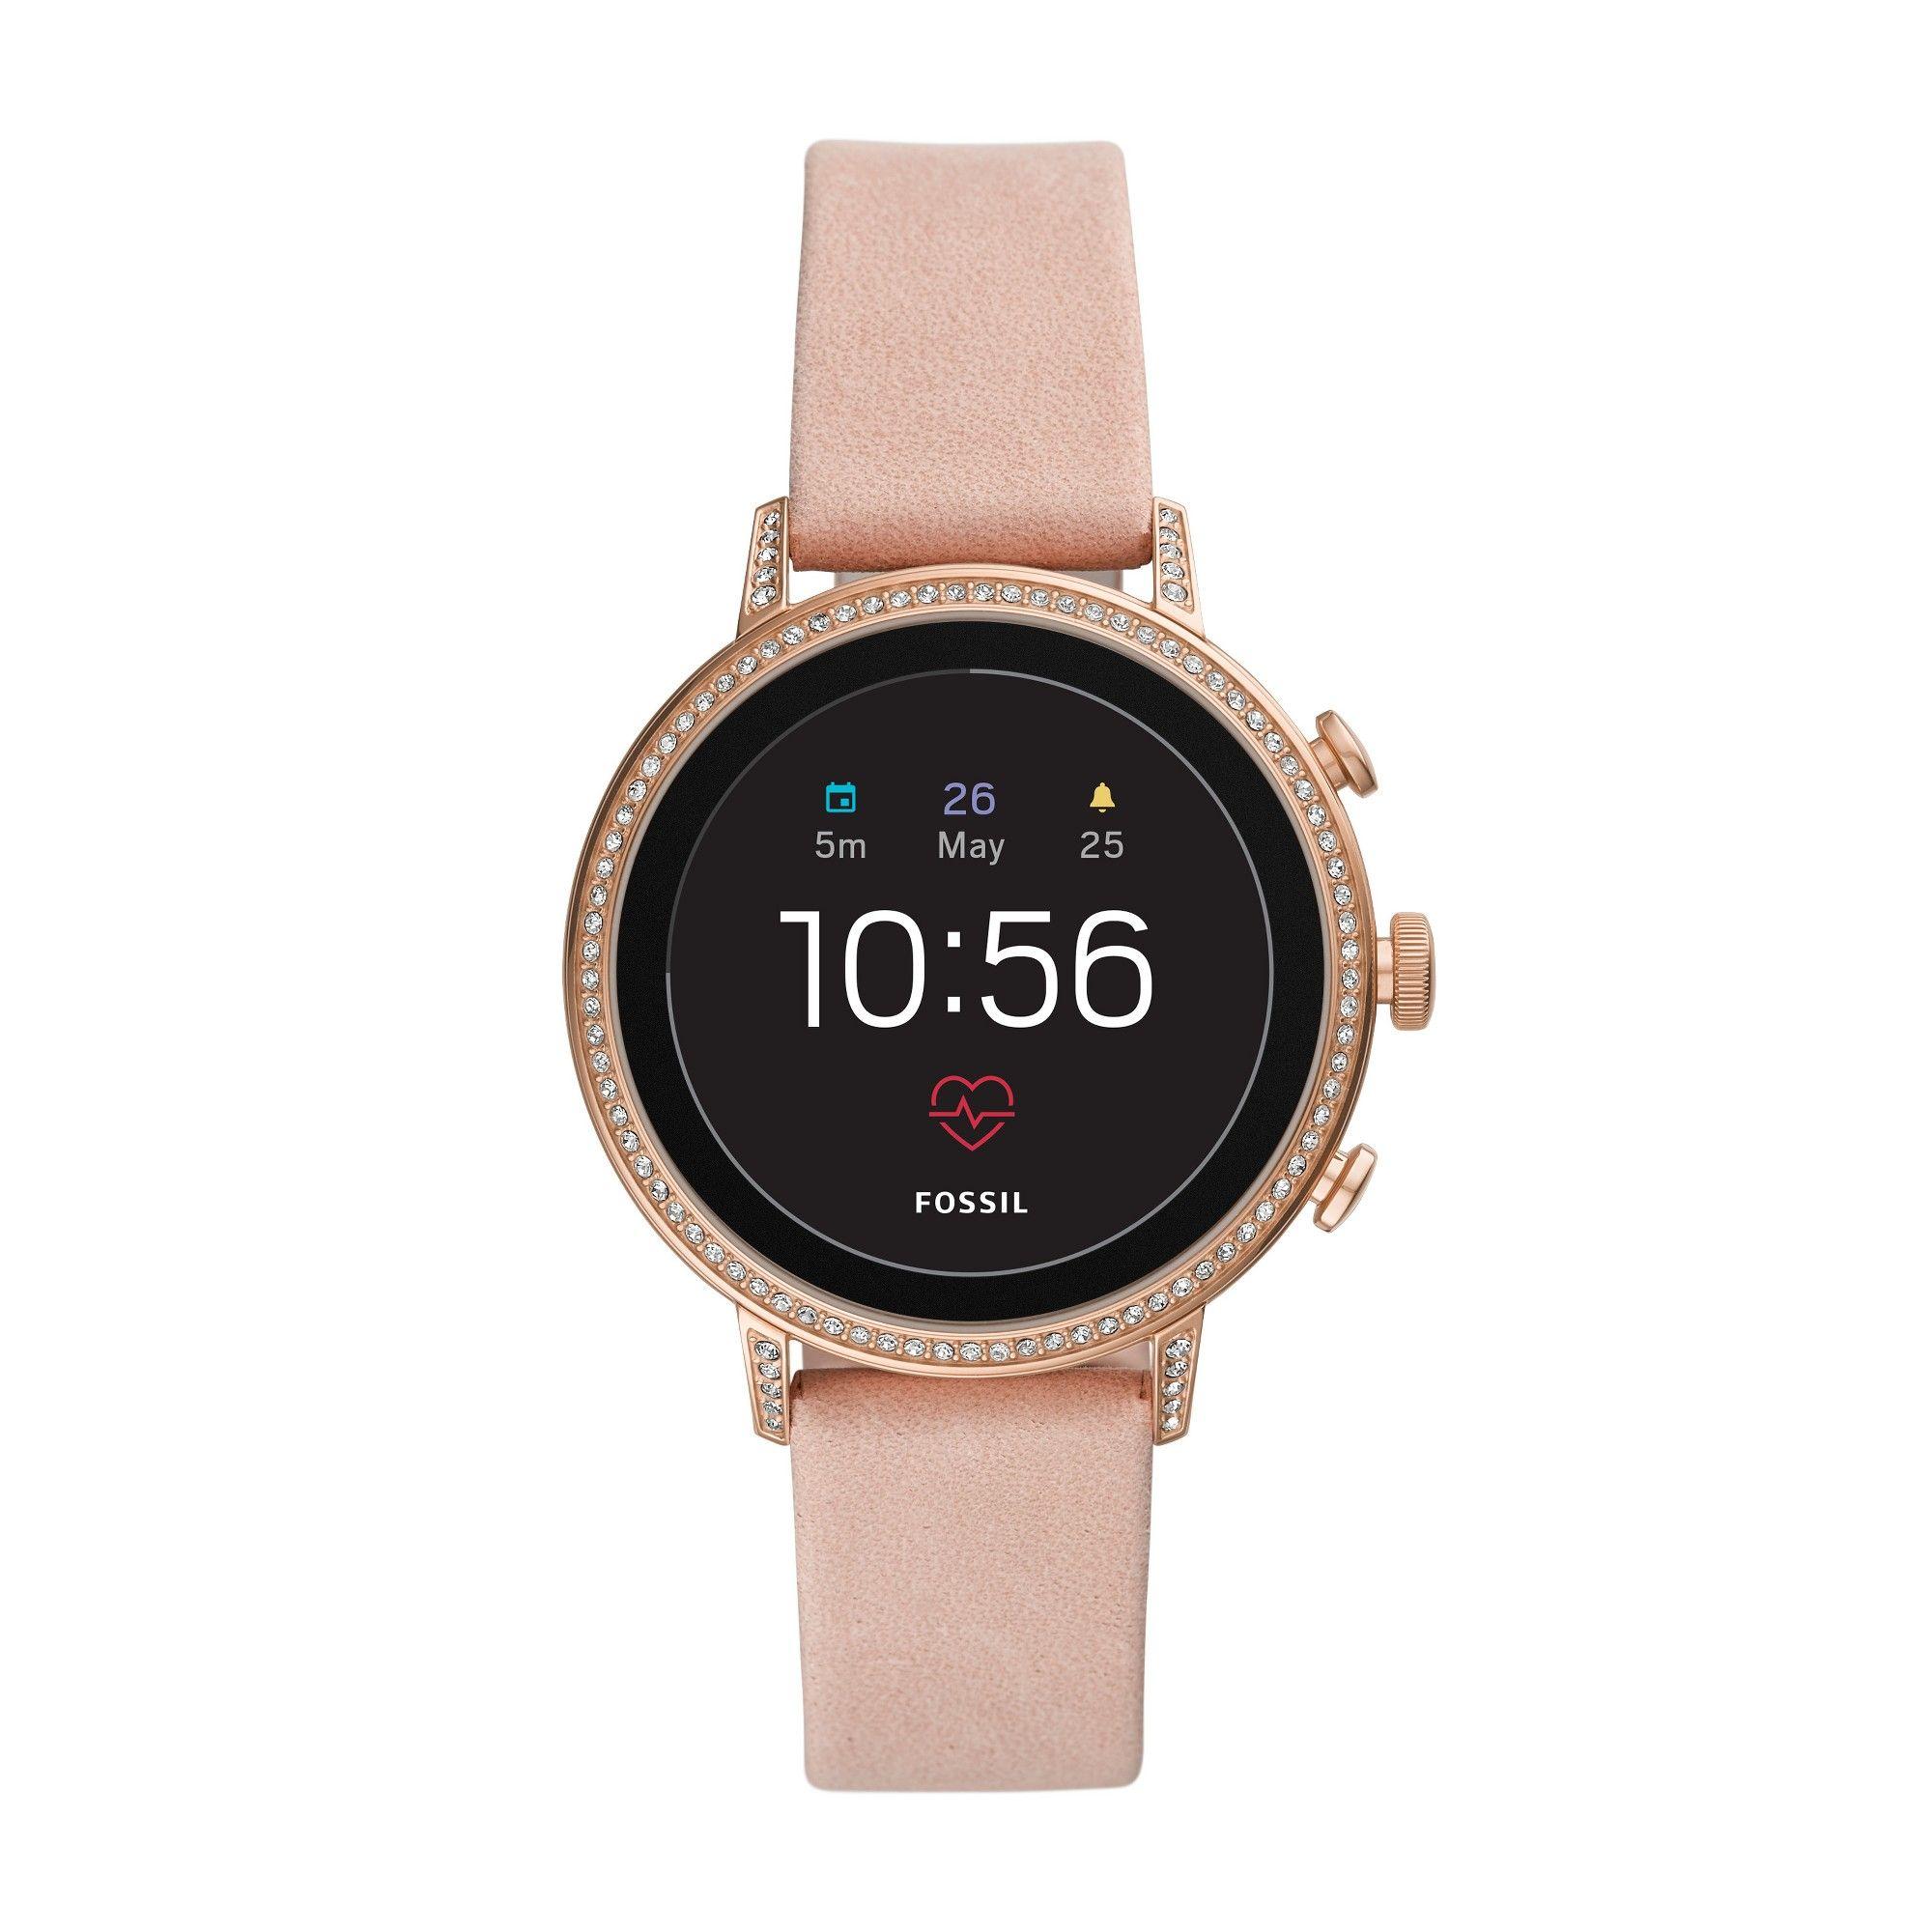 Fossil Gen 4 Smartwatch Venture HR 40mm Blush Leather